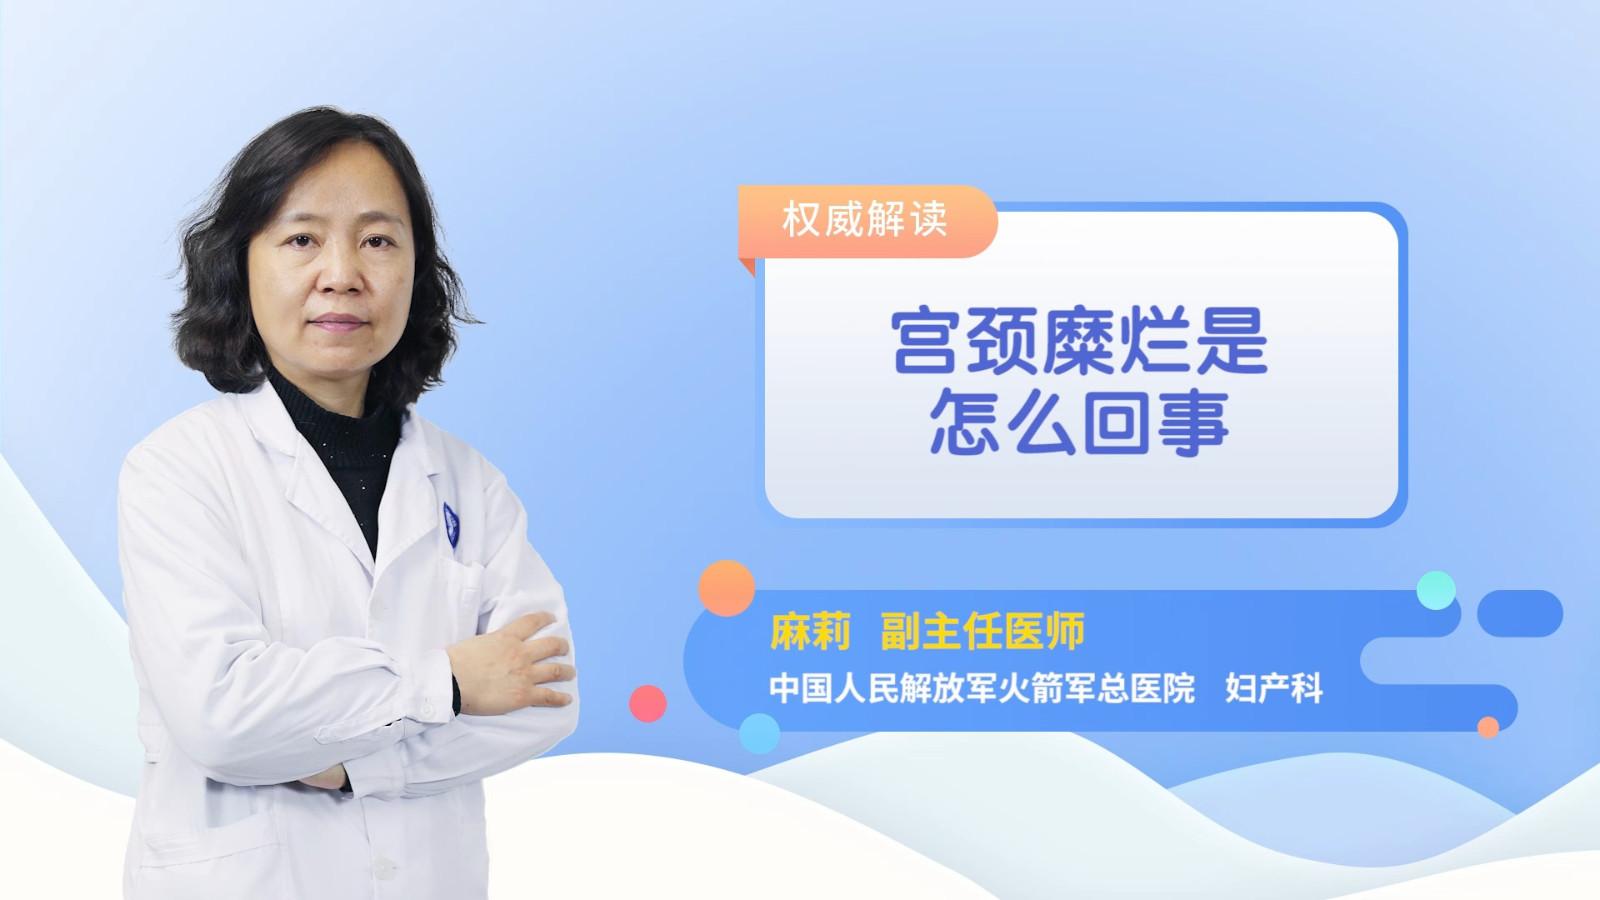 辟谣:宫颈糜烂不是病,正确的妇科知识从这个视频开始